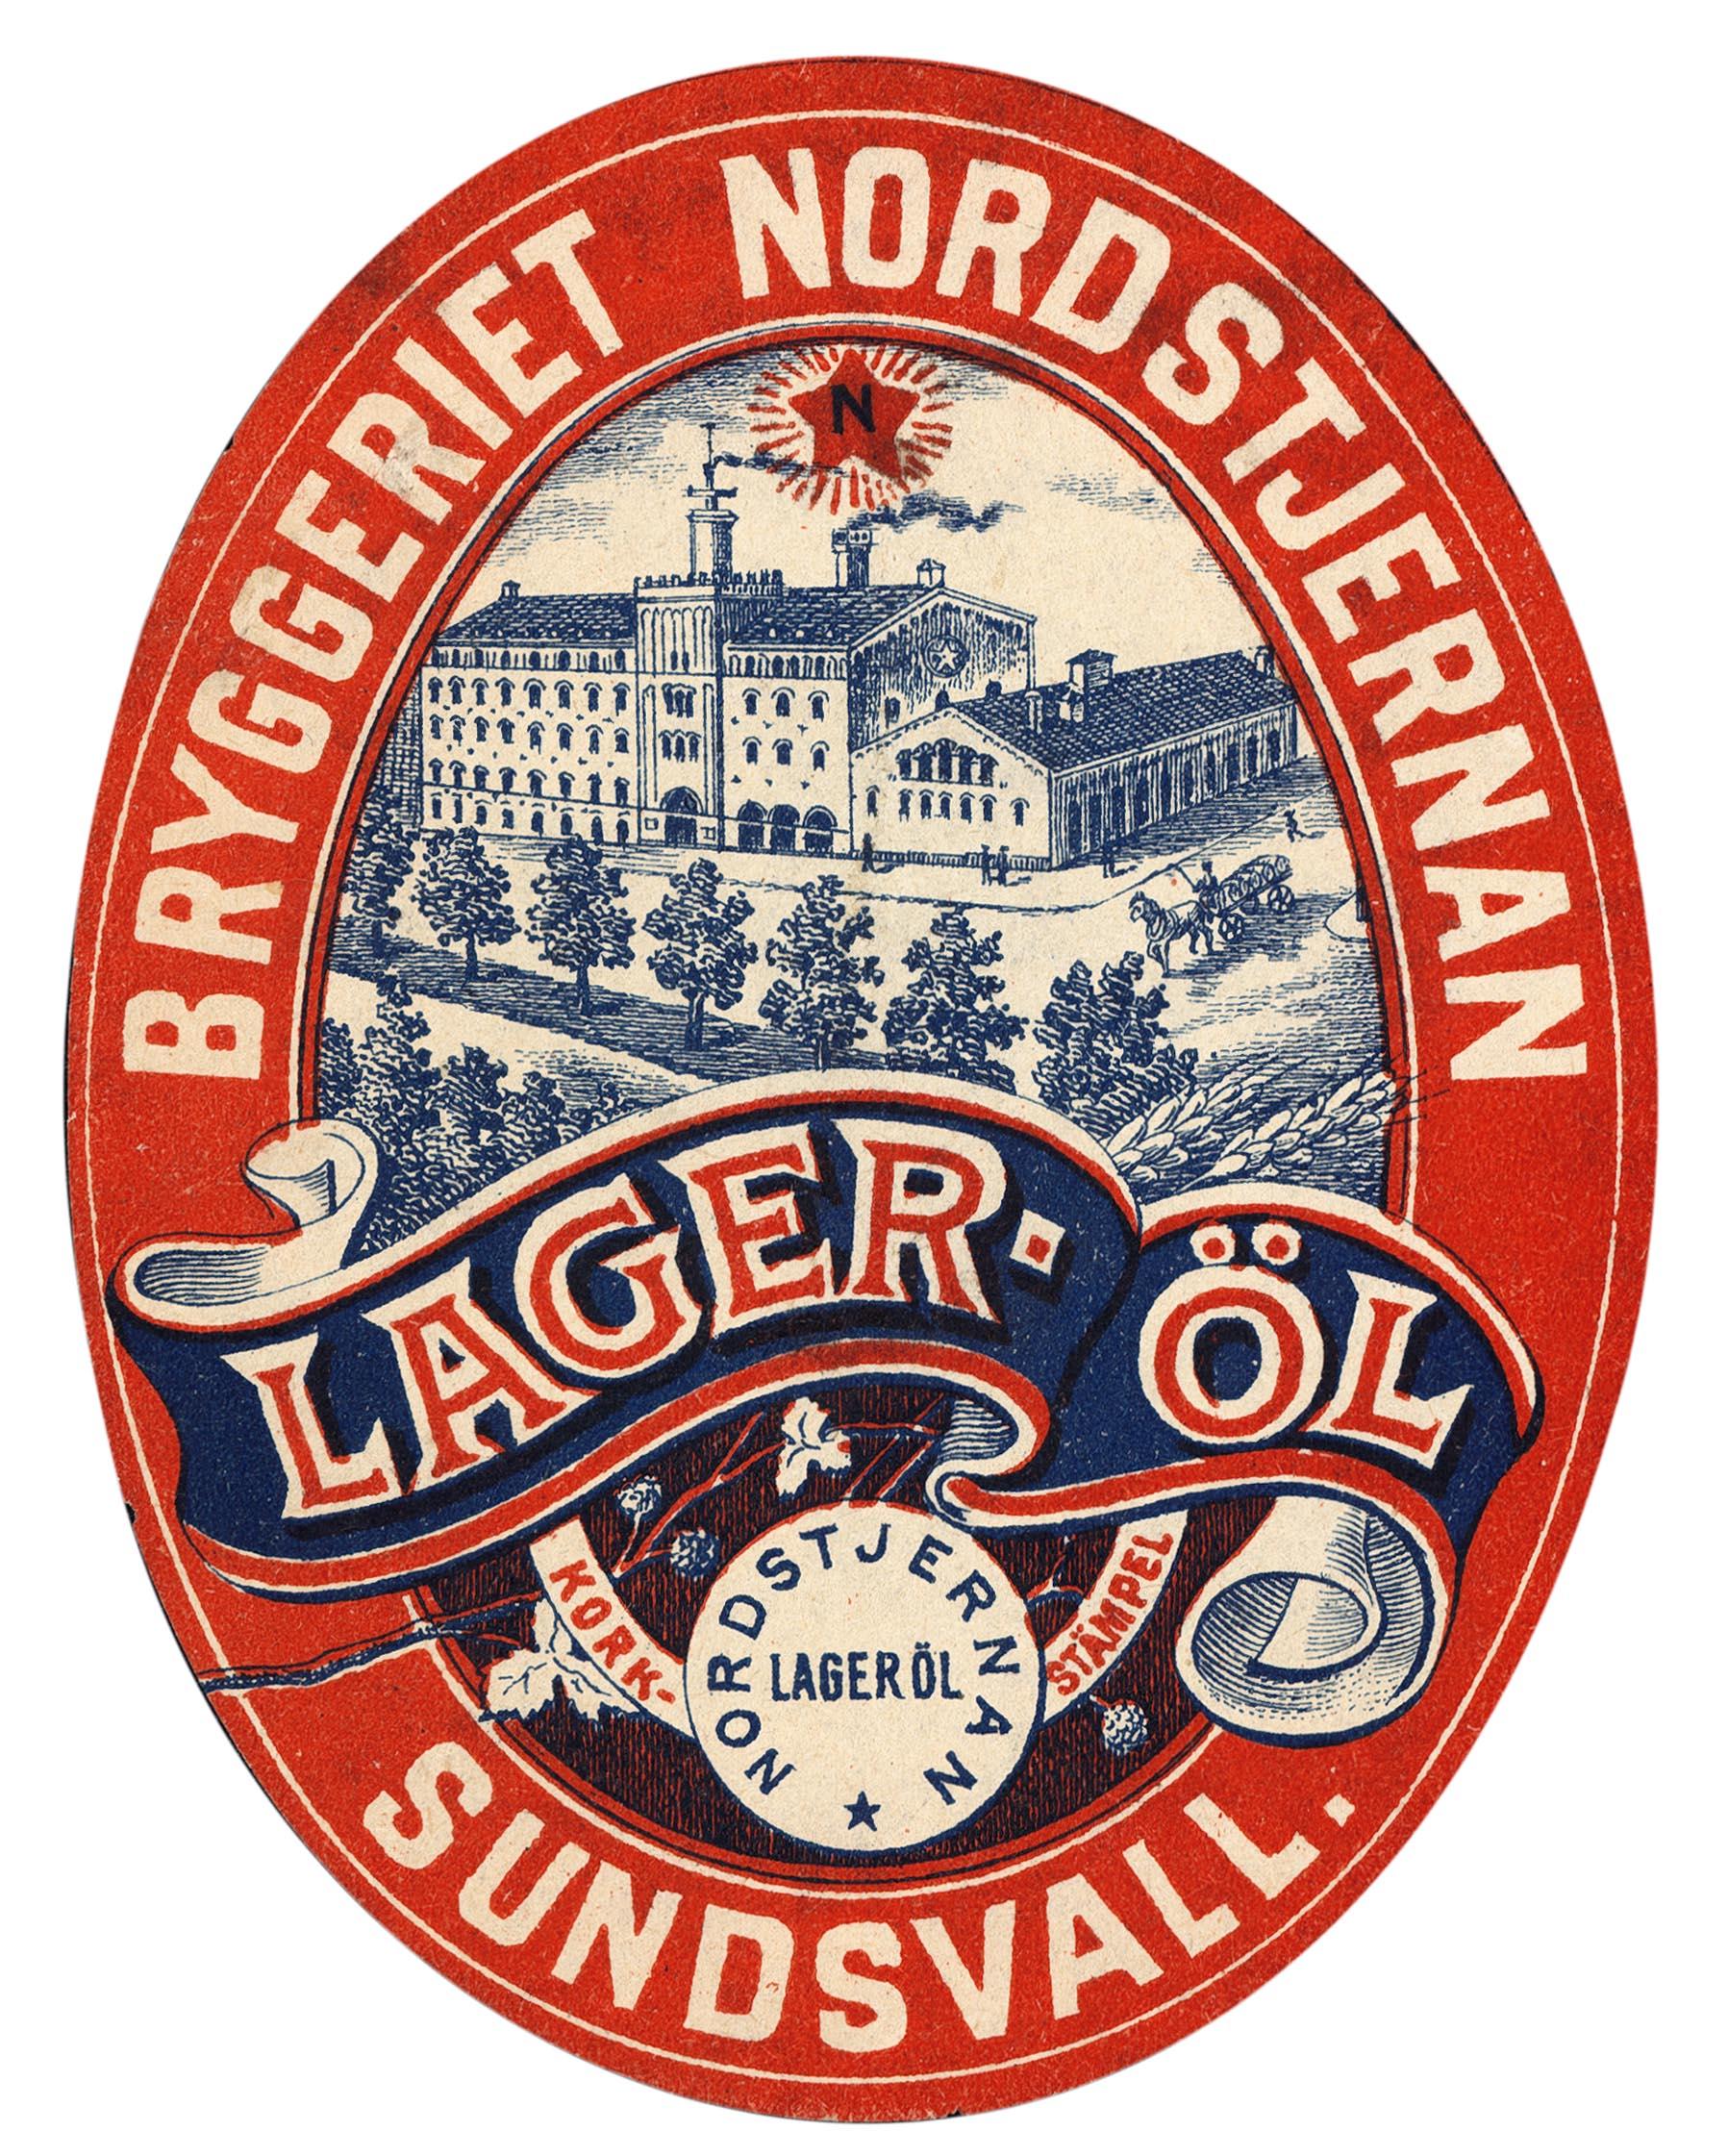 Bryggerier kravs pa miljoner i skatt